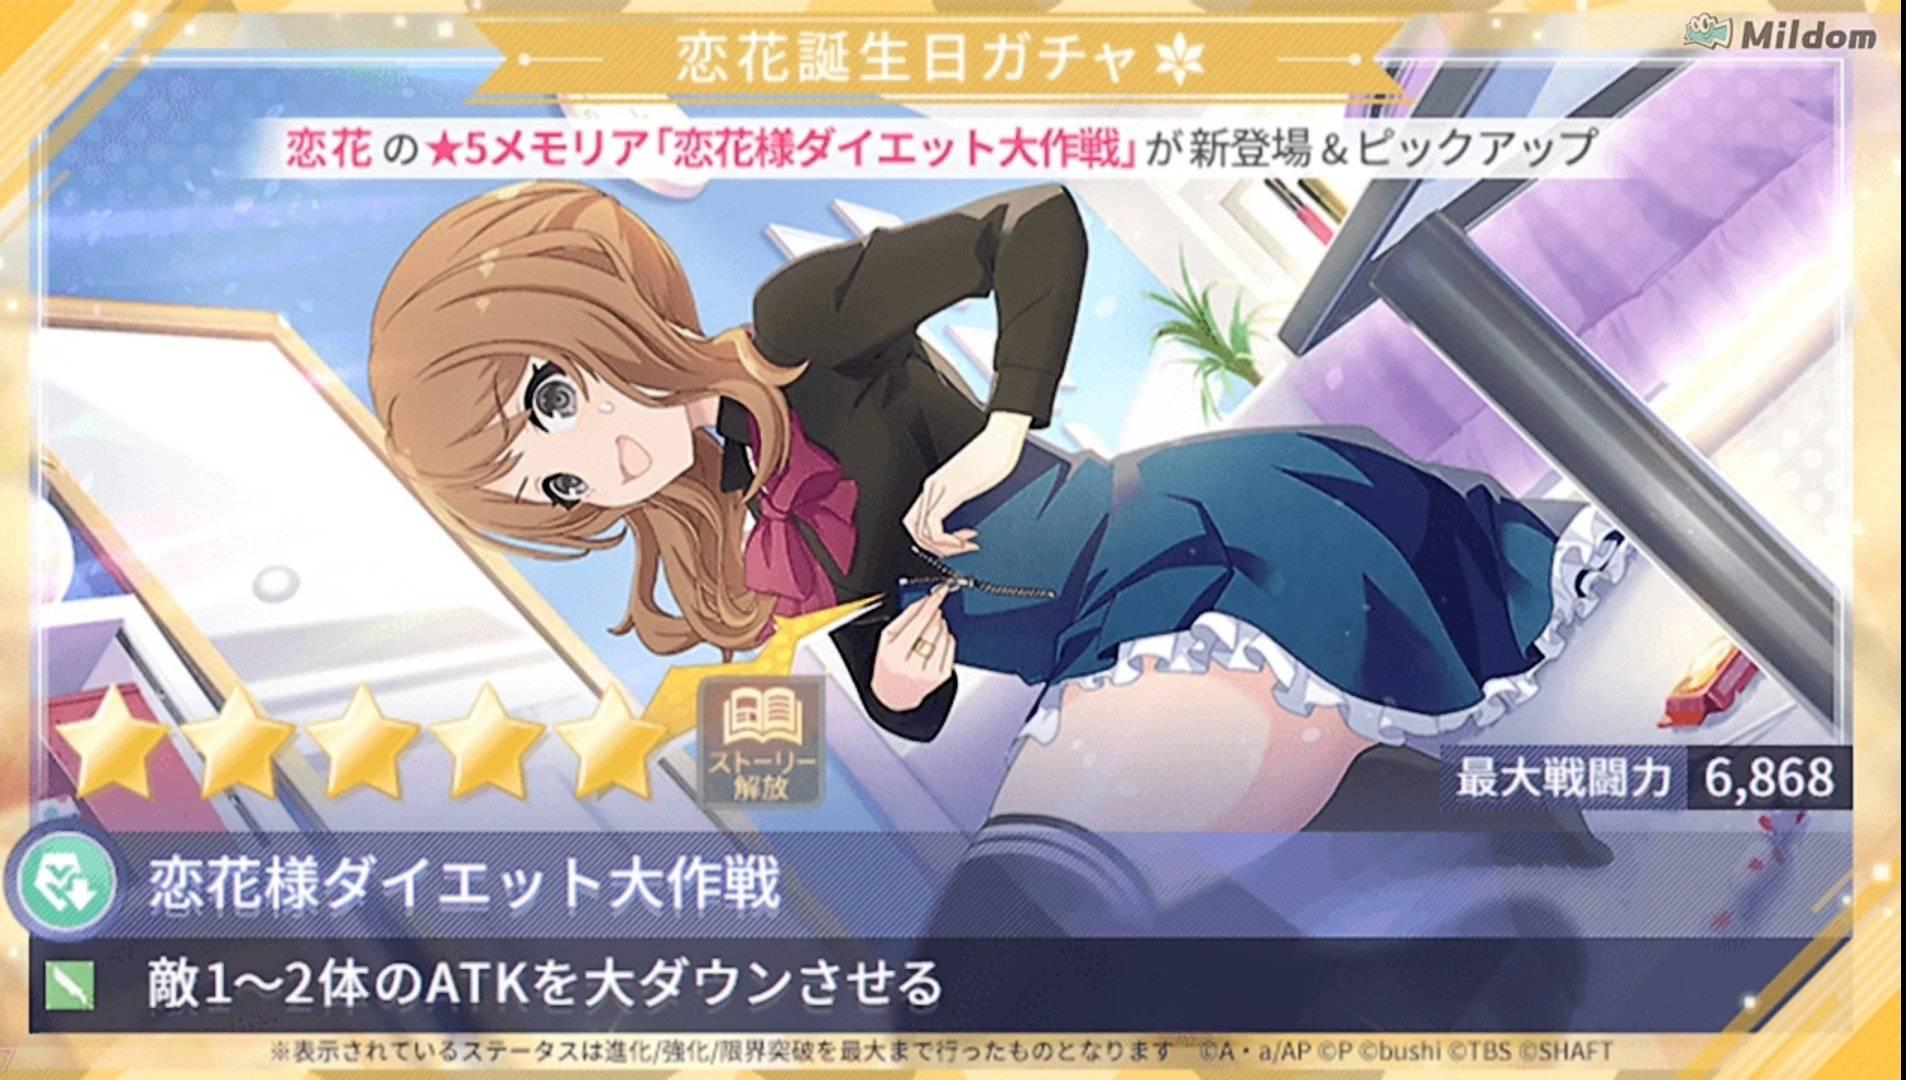 【ラスバレ】恋花様の誕生日・・こんなん引くしかなくないか?